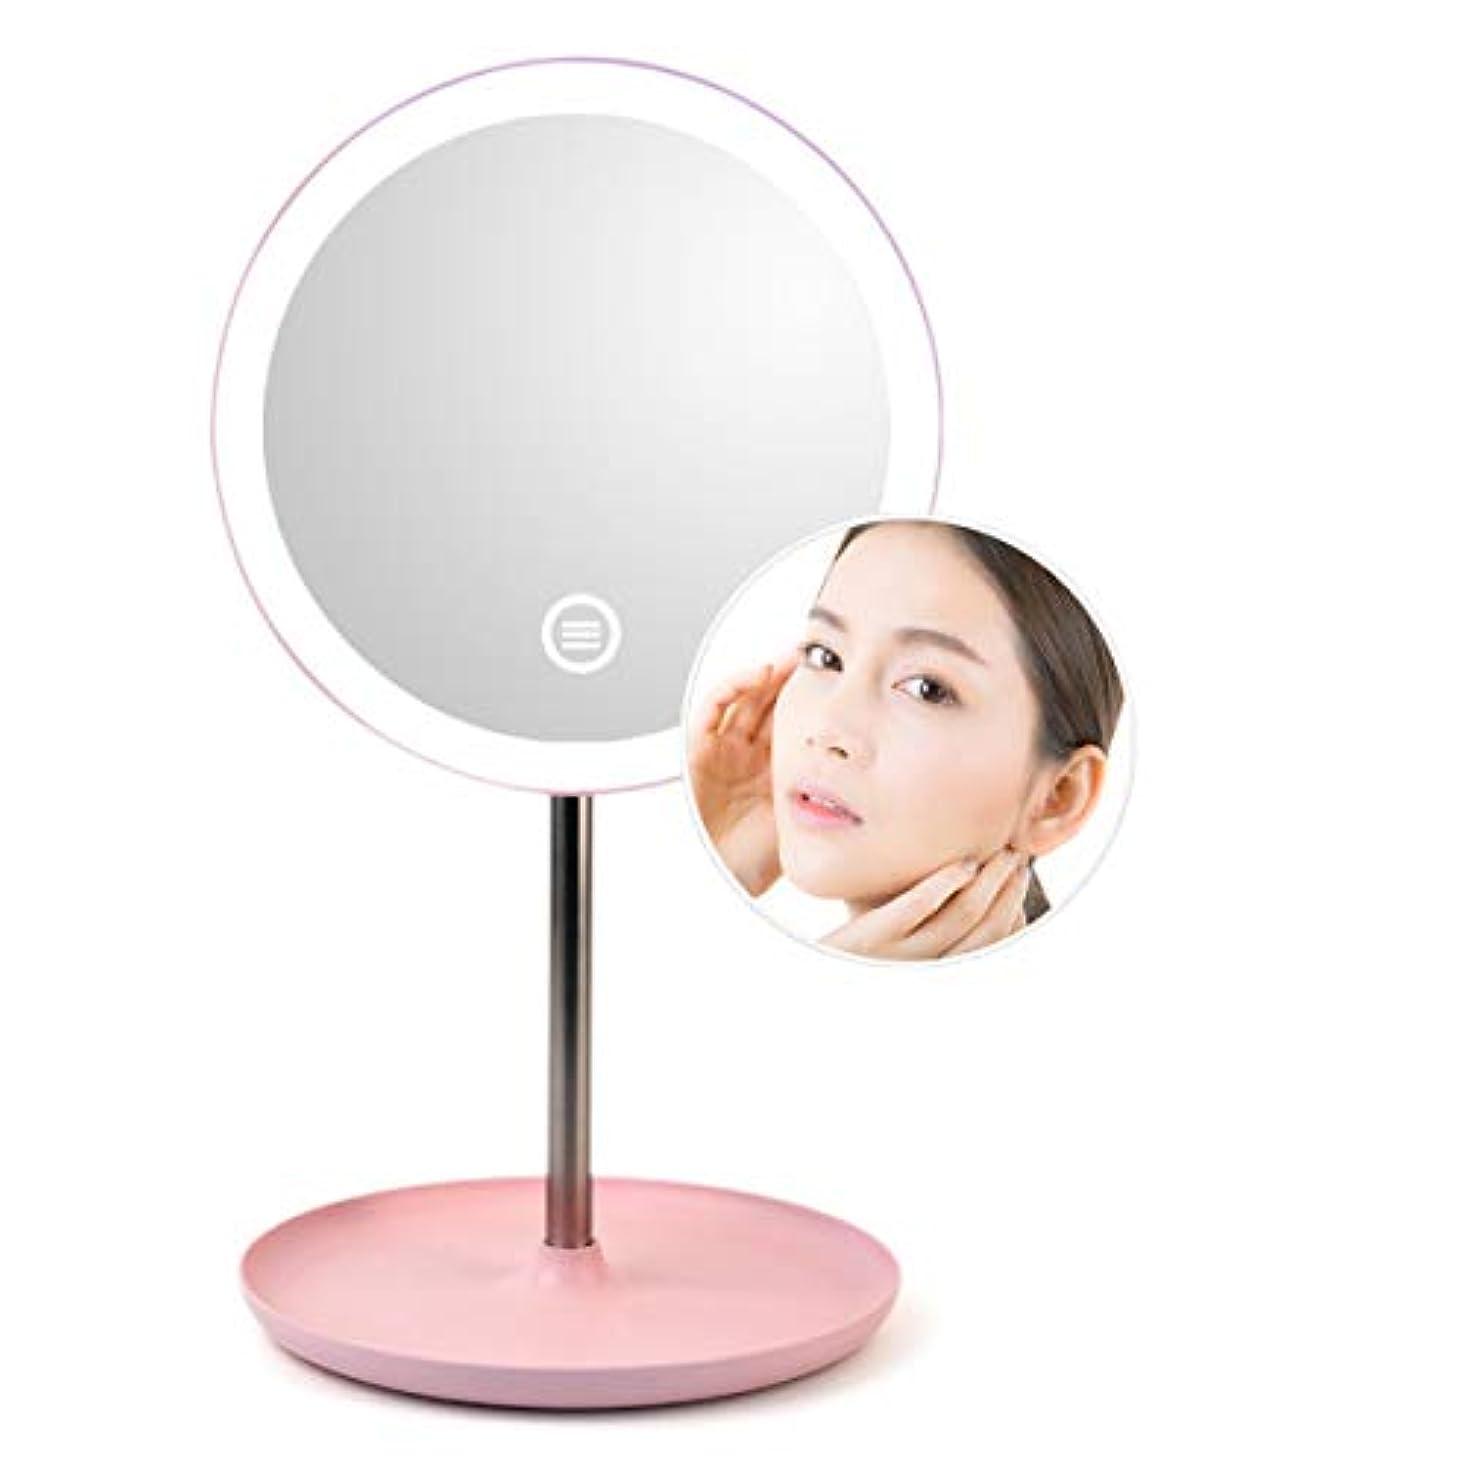 擬人孤独な血色の良い化粧鏡 卓上 LED付き usb充電式化粧ミラー 360度回転 タッチセンサー 明るさ調節可能 無段階調光 10倍 拡大鏡